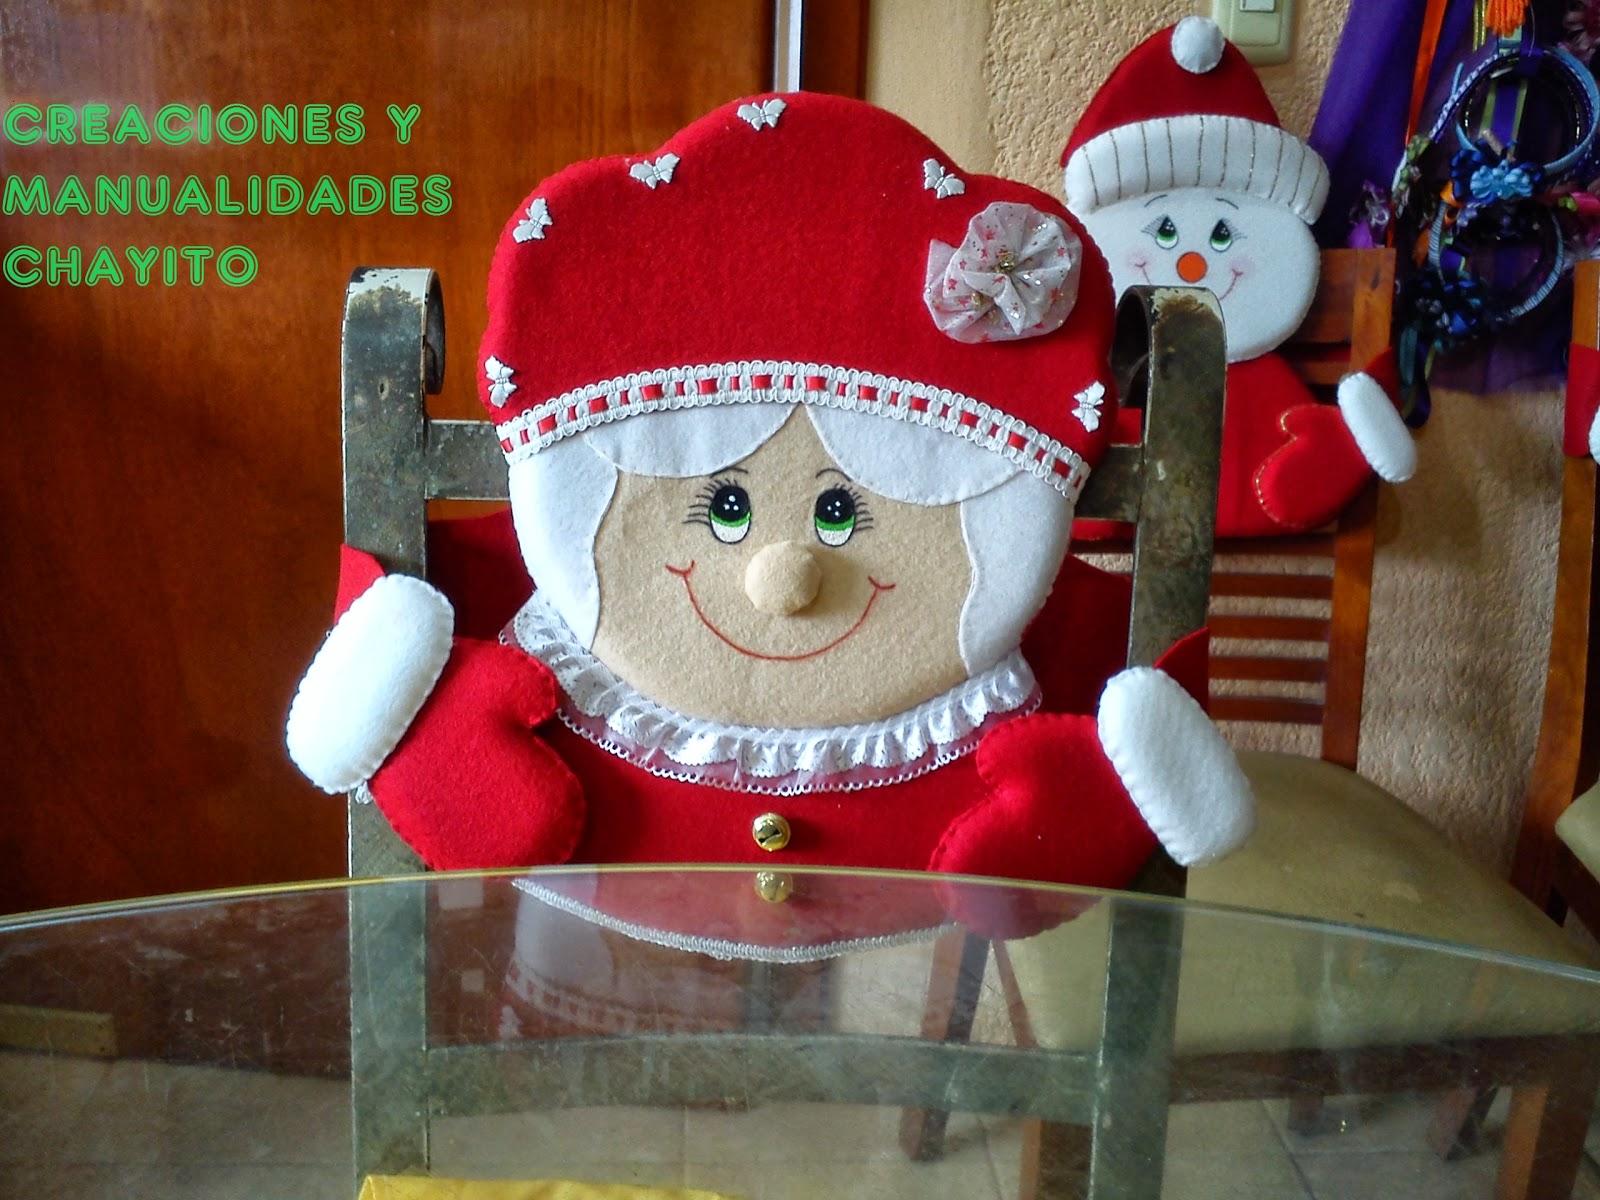 Creaciones y manualidades chayito adornos navide os for Adornos navidenos para regalar